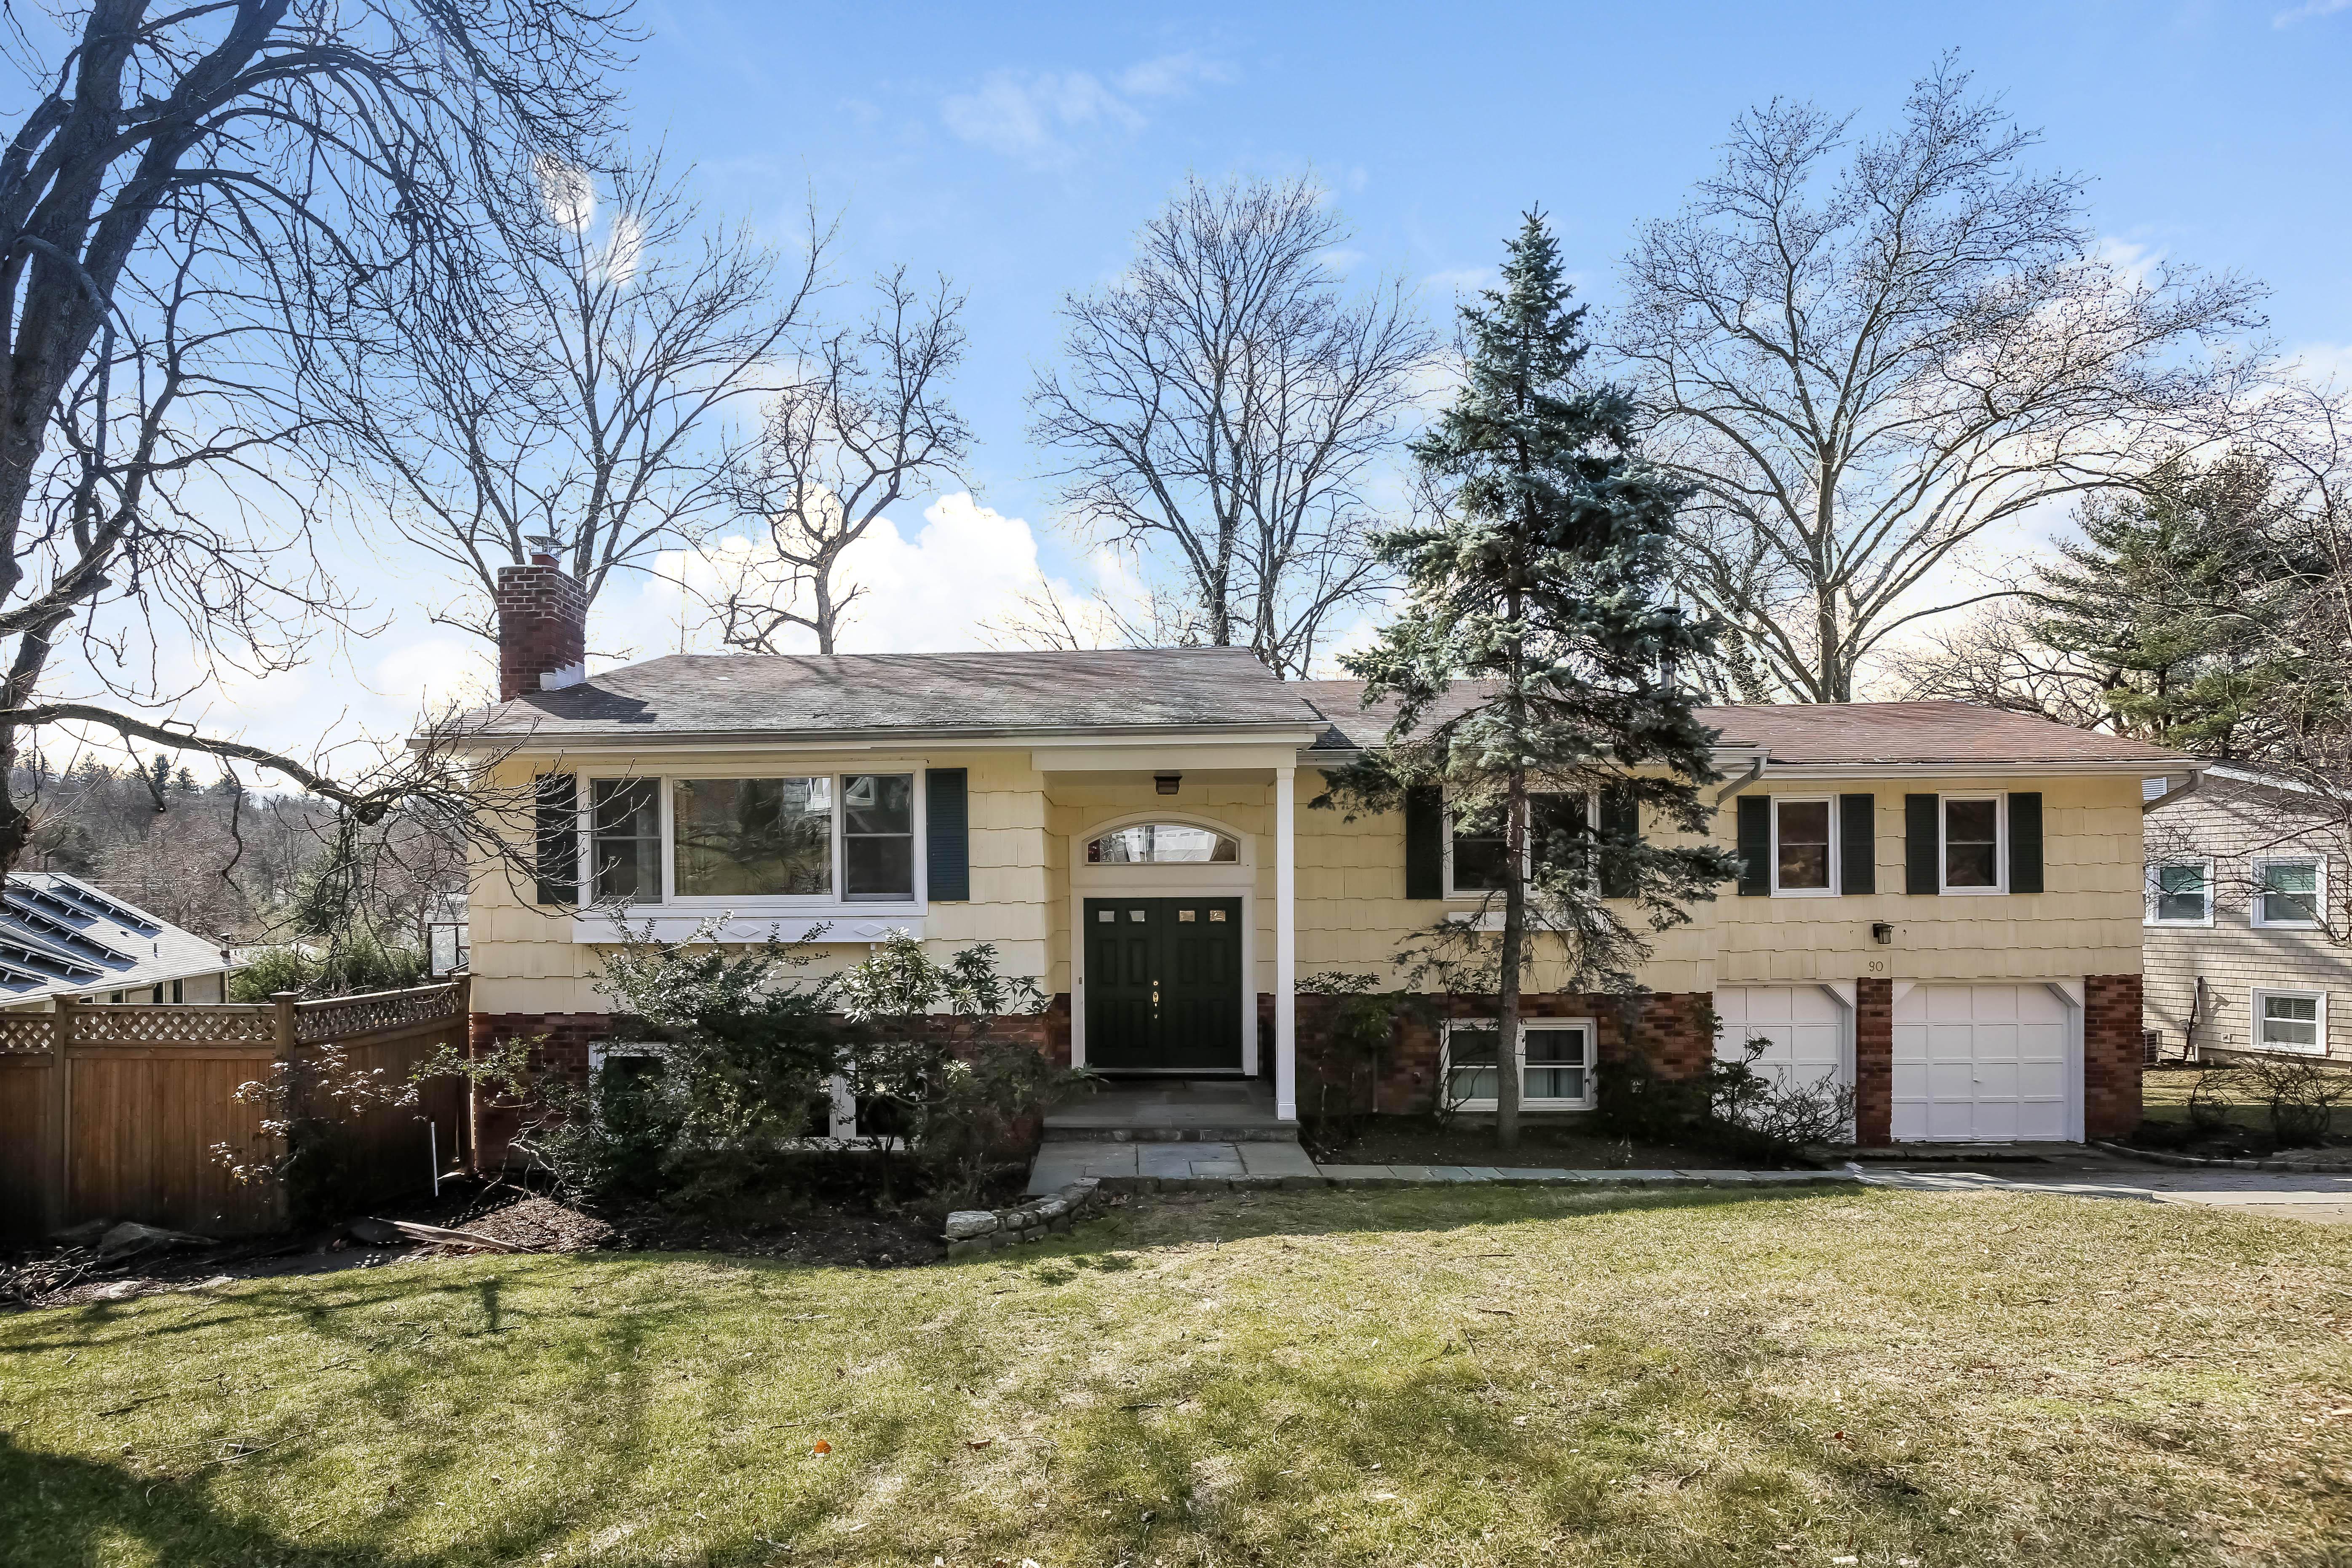 独户住宅 为 销售 在 Comfortable Layout 90 Sycamore Lane 欧文顿, 纽约州, 10533 美国